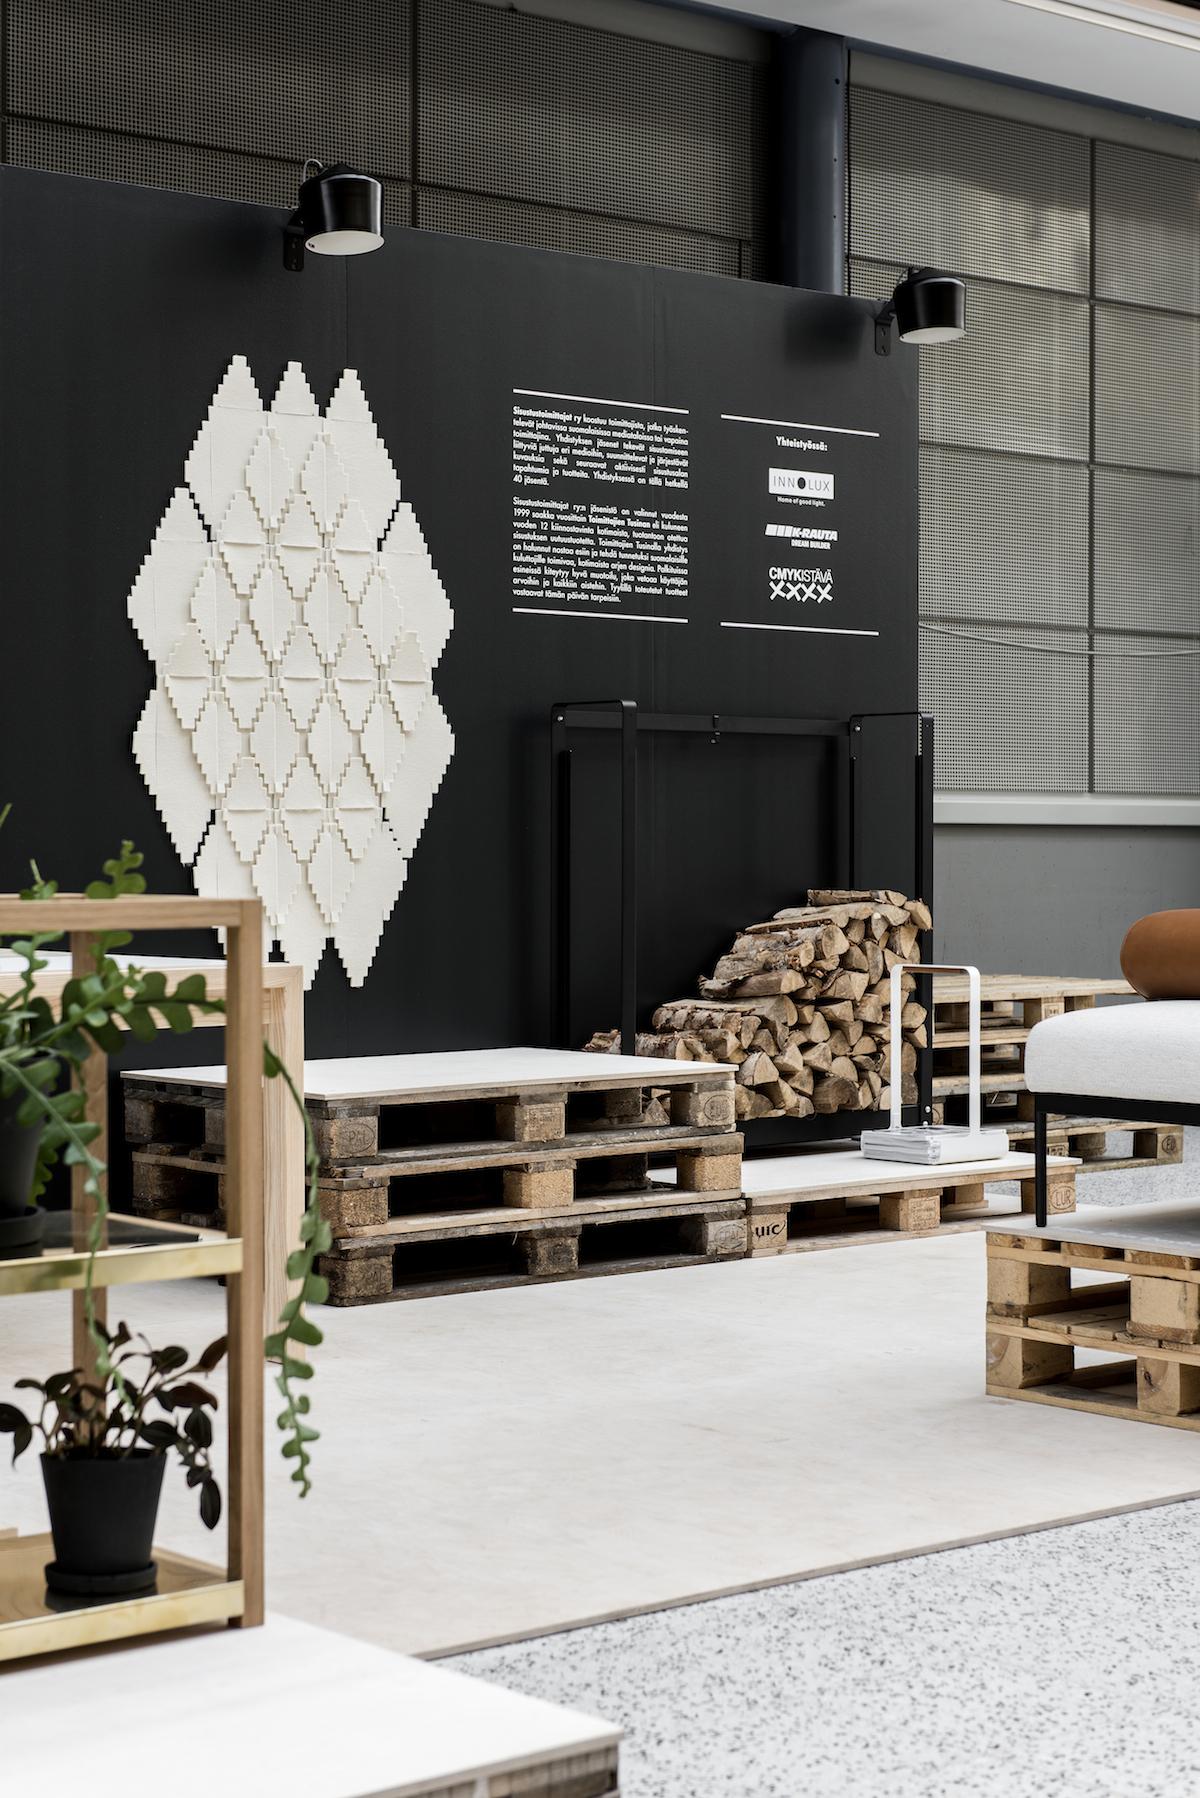 Exhibition Stand Website : Exhibition stand design